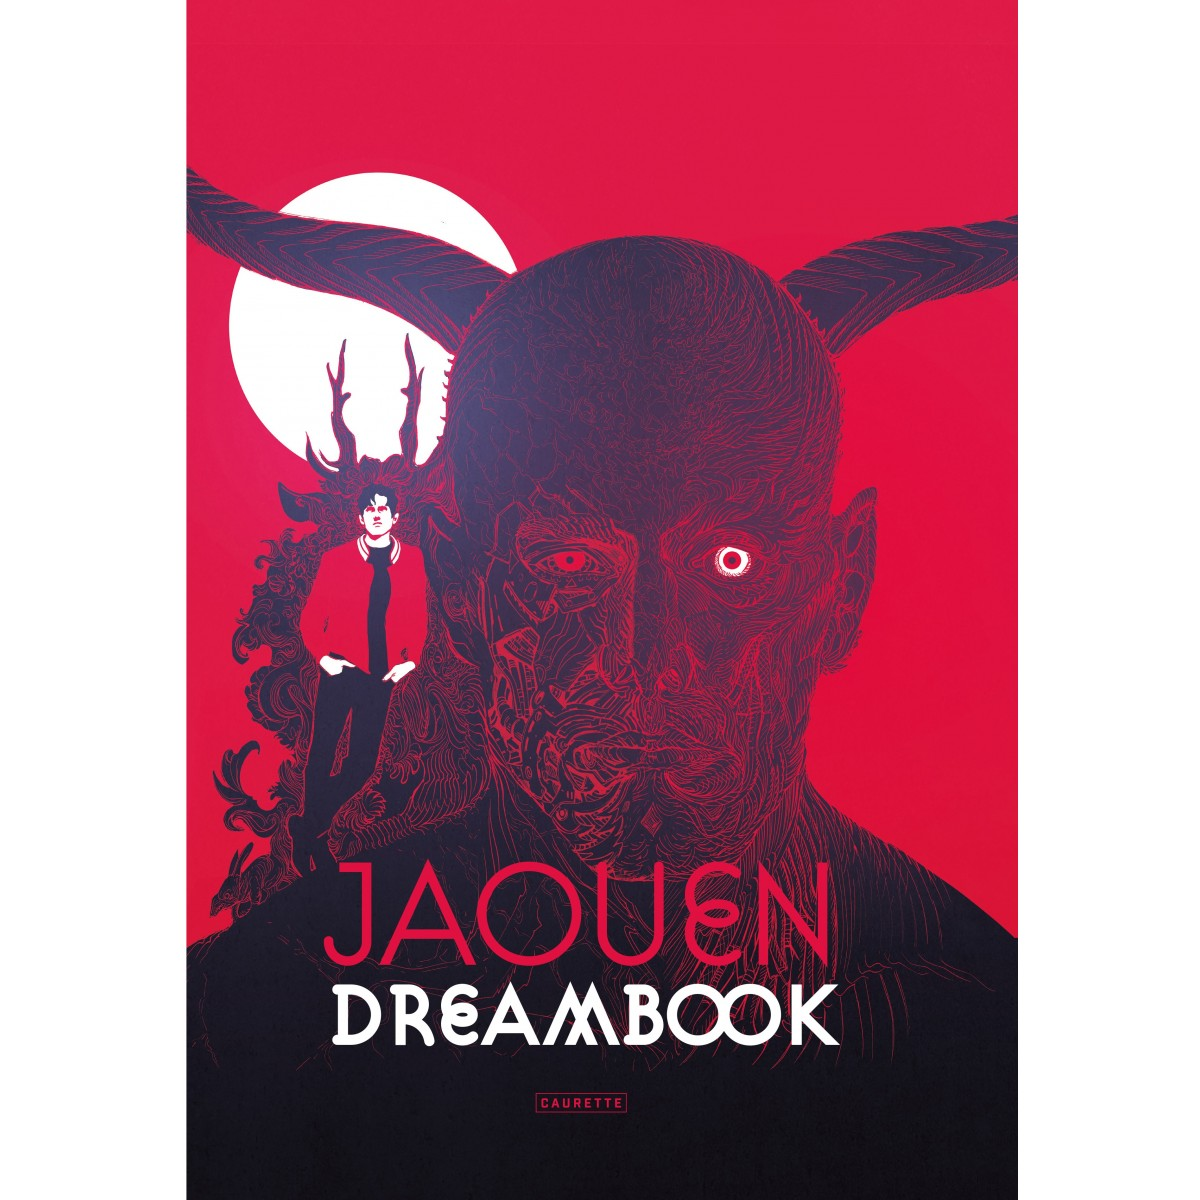 Jaouen SALAUN - Dreambook